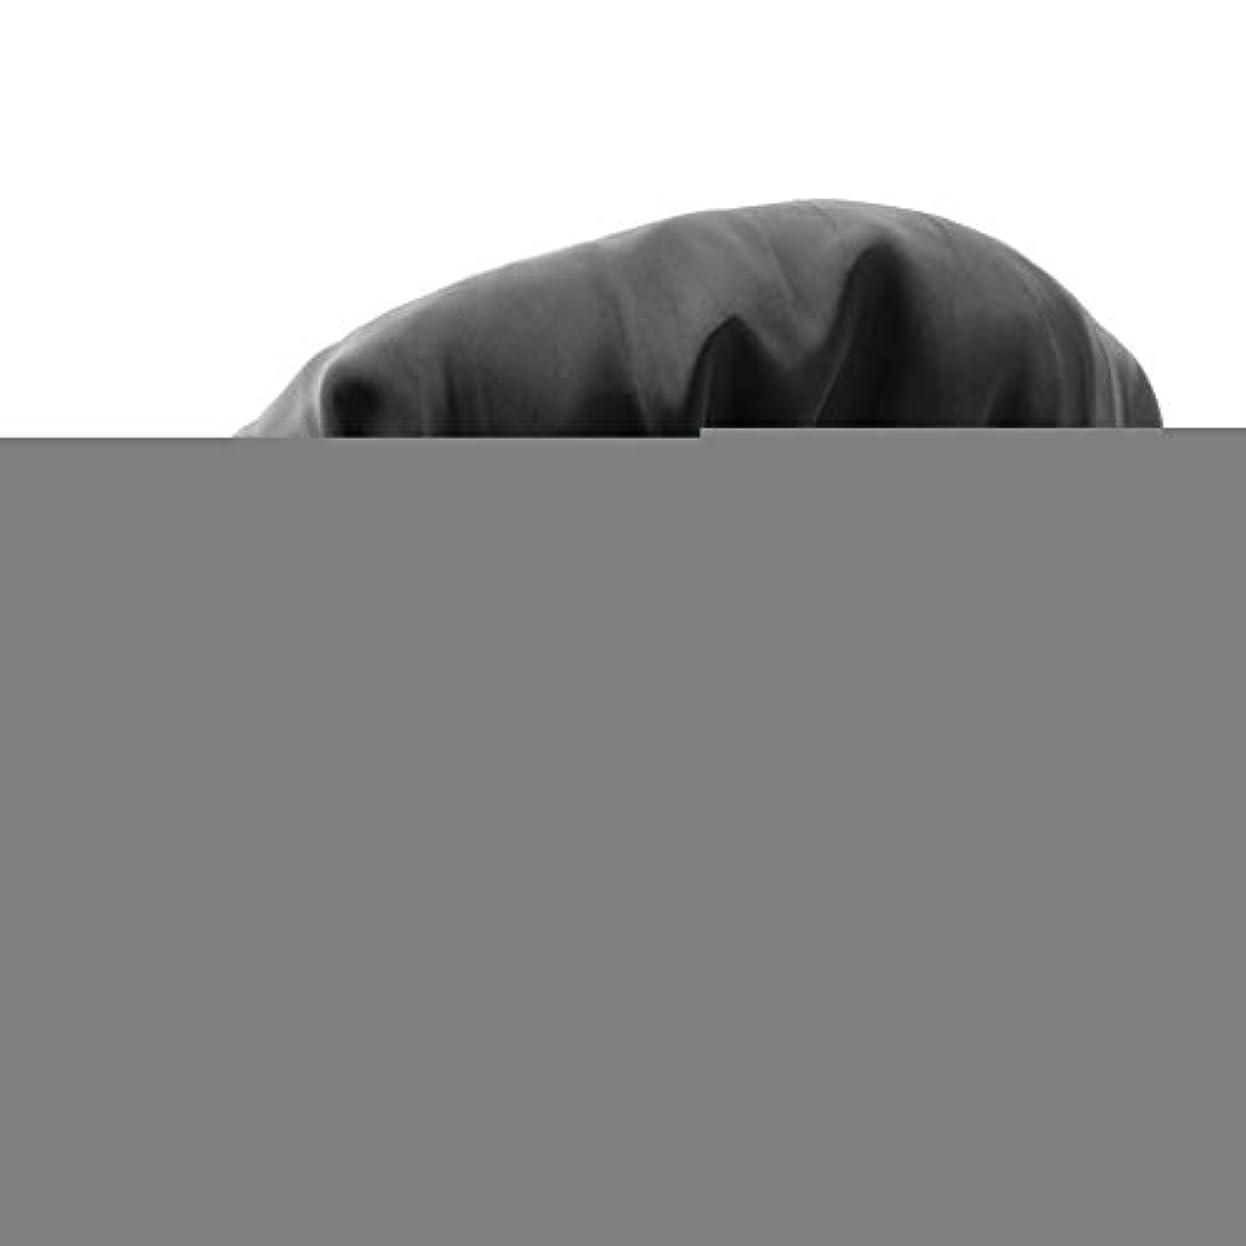 騒不器用評価Toygogo シャワーキャップ 入浴キャップ 美容 キャップ 帽子 ヘッドカバー サテン 家事 SPA 全6色 - ブラック